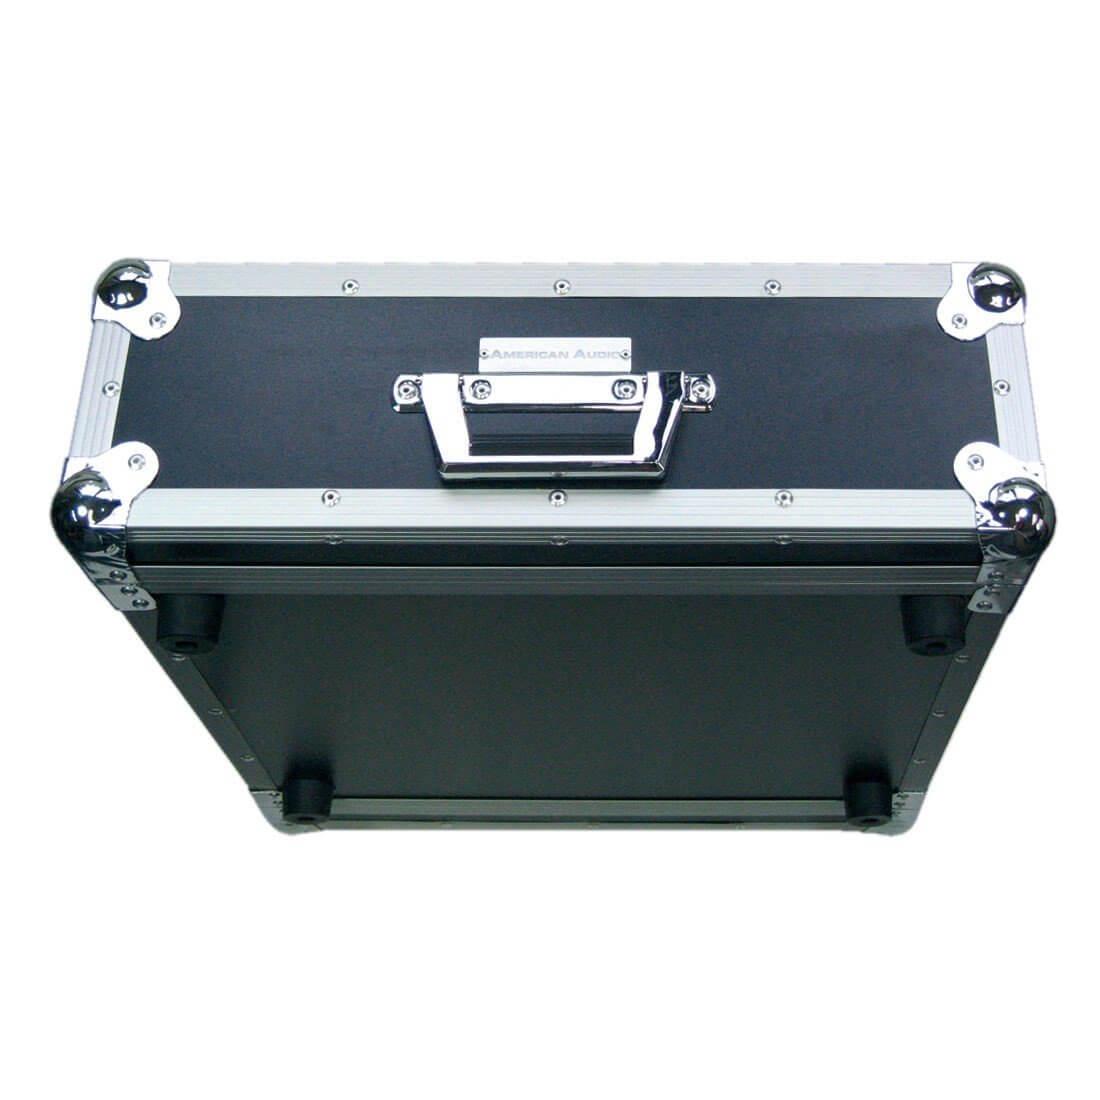 Accu-Case 2u Flightcase Double Door Rack